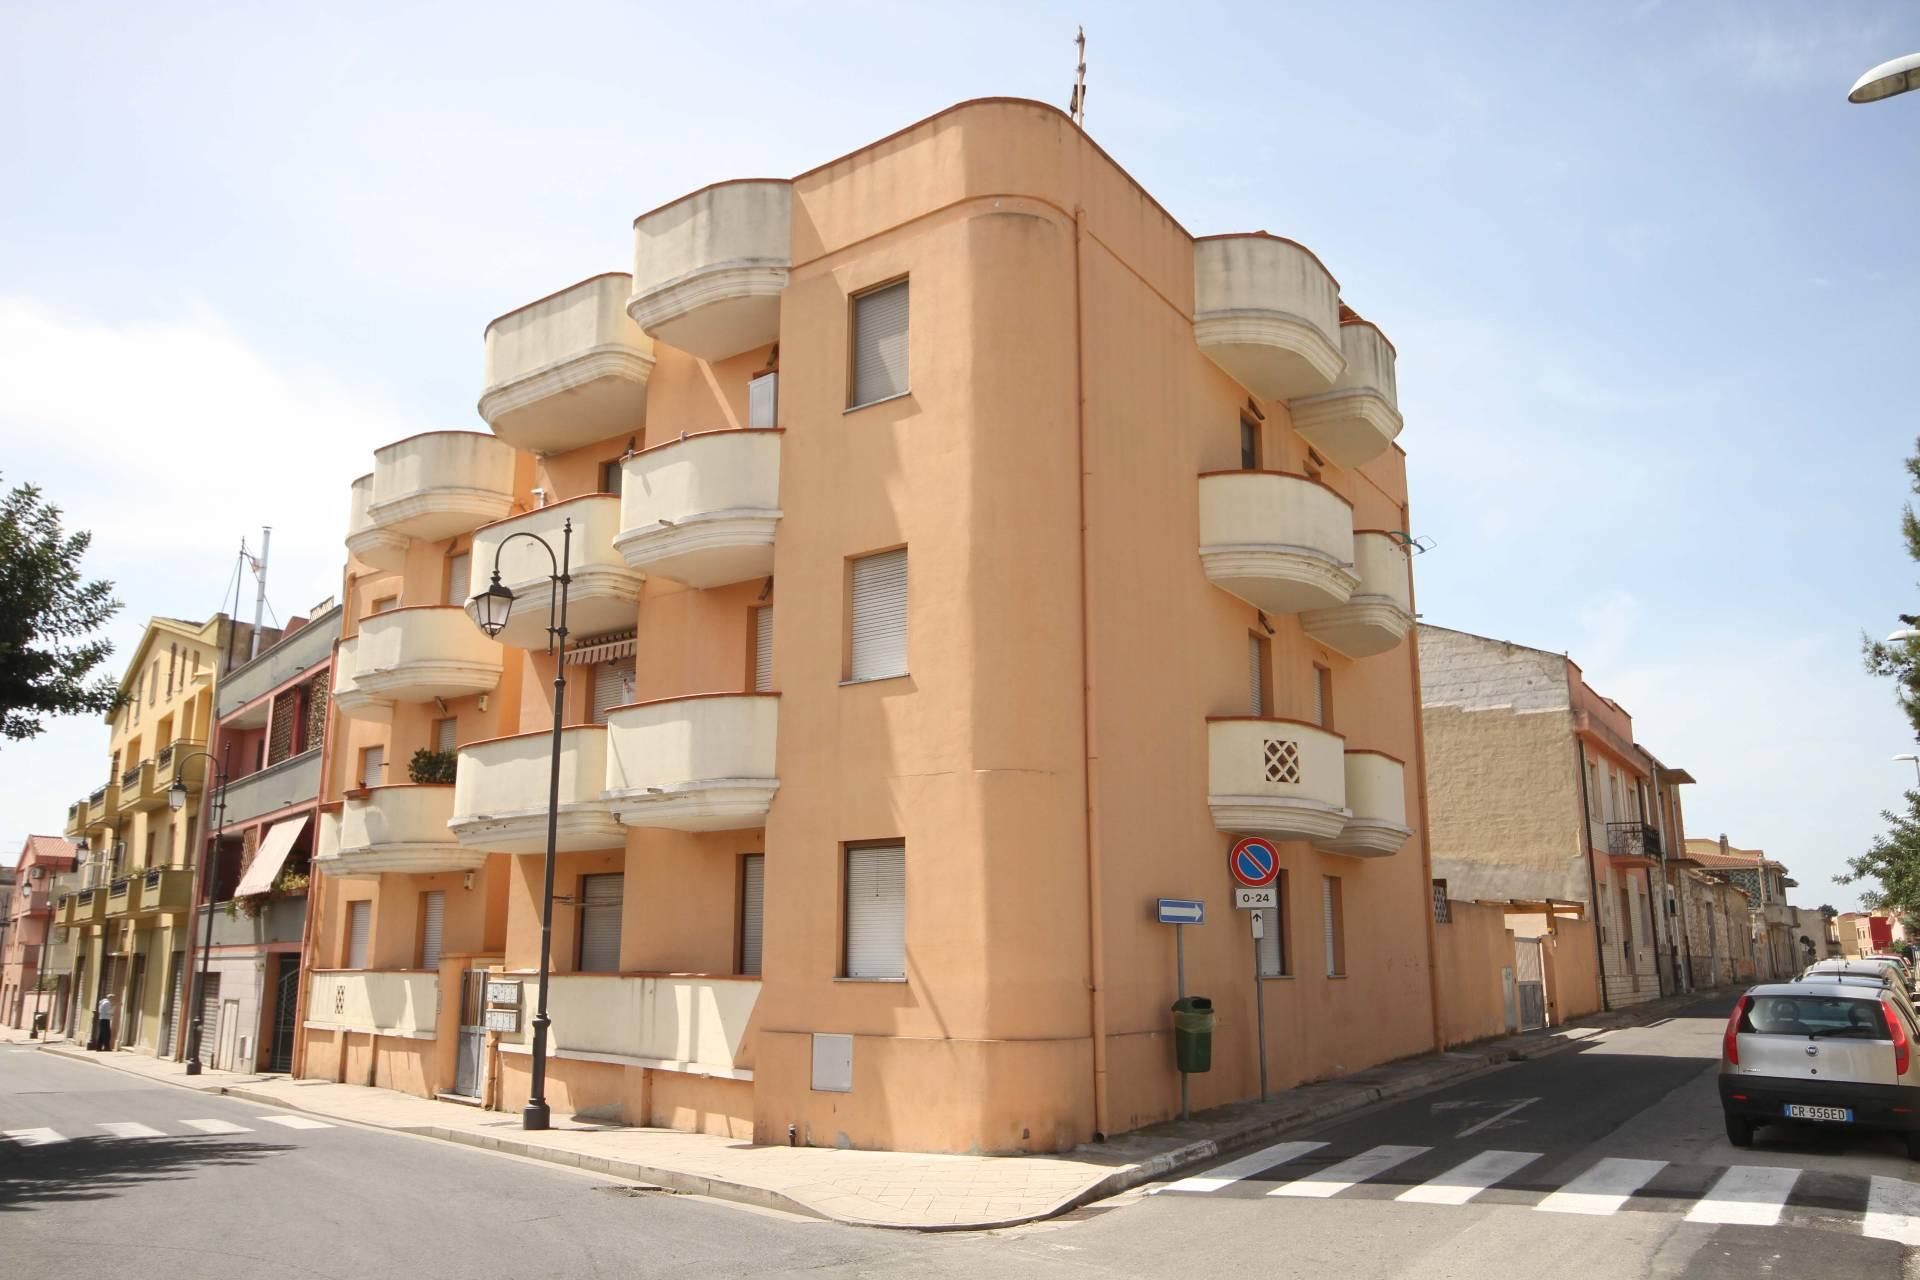 Appartamento in vendita a Selargius, 3 locali, prezzo € 120.000 | Cambio Casa.it